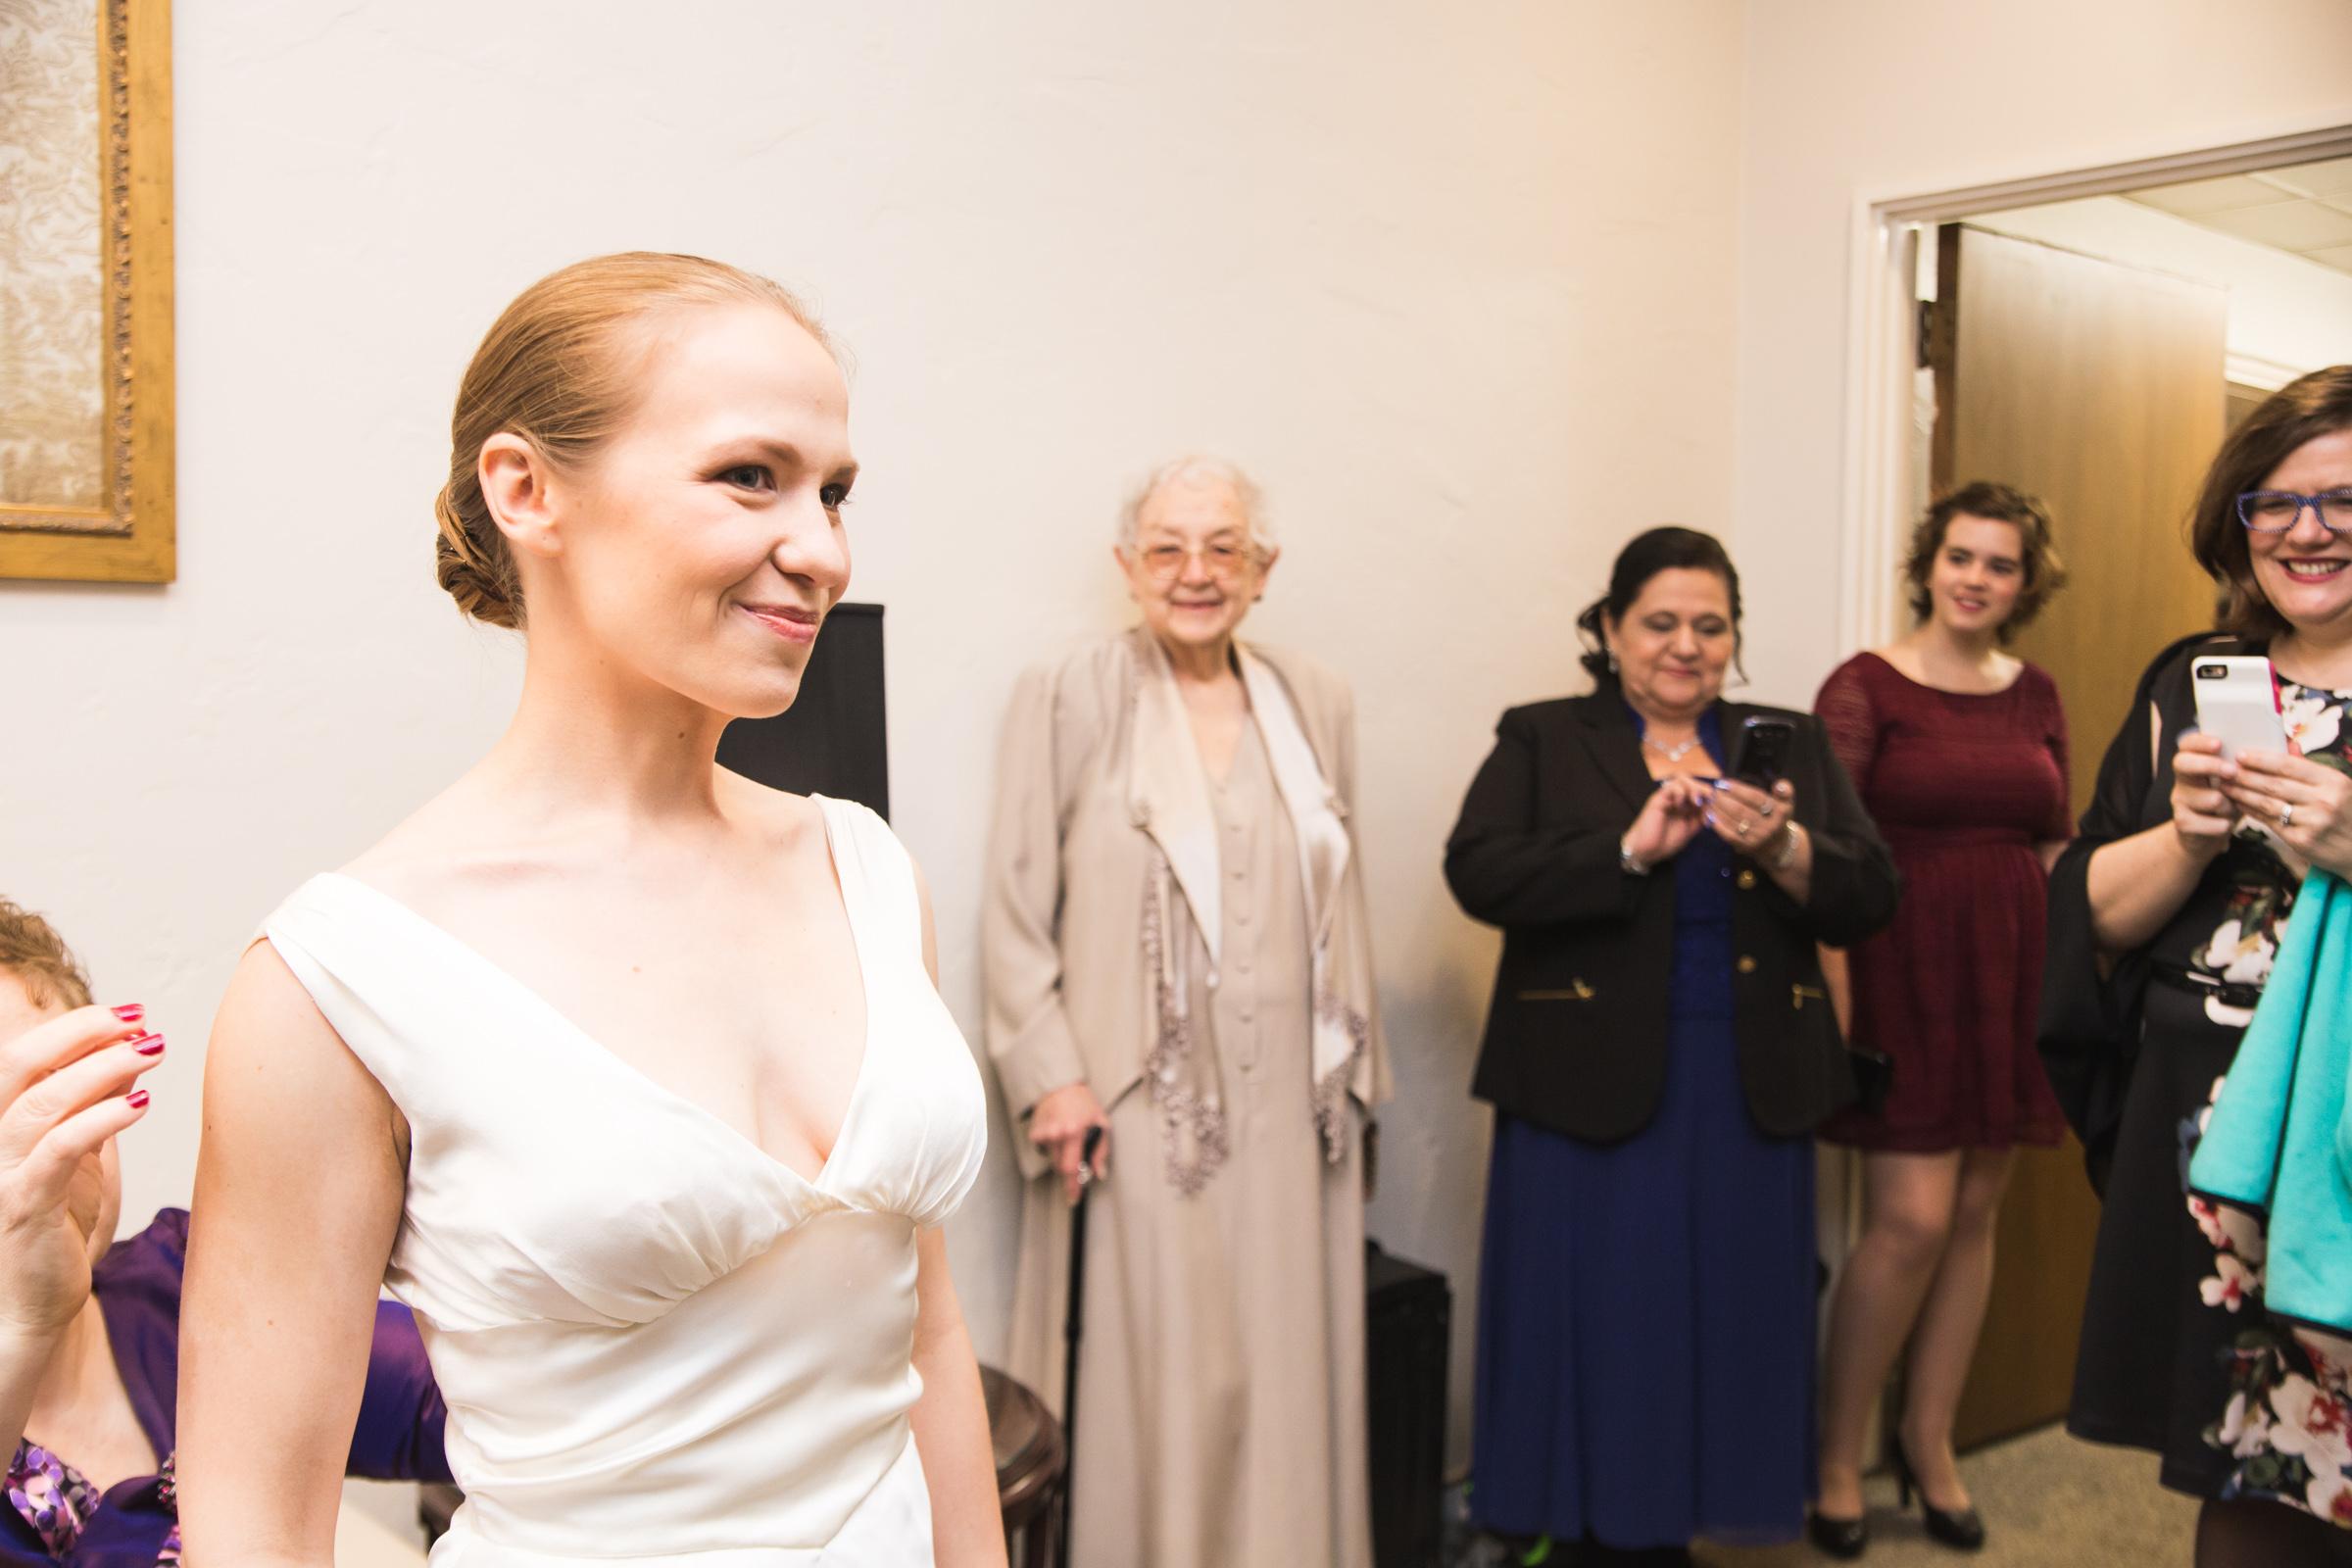 DannyandHazelruth-SanDiego-Wedding-013016-0118.jpg